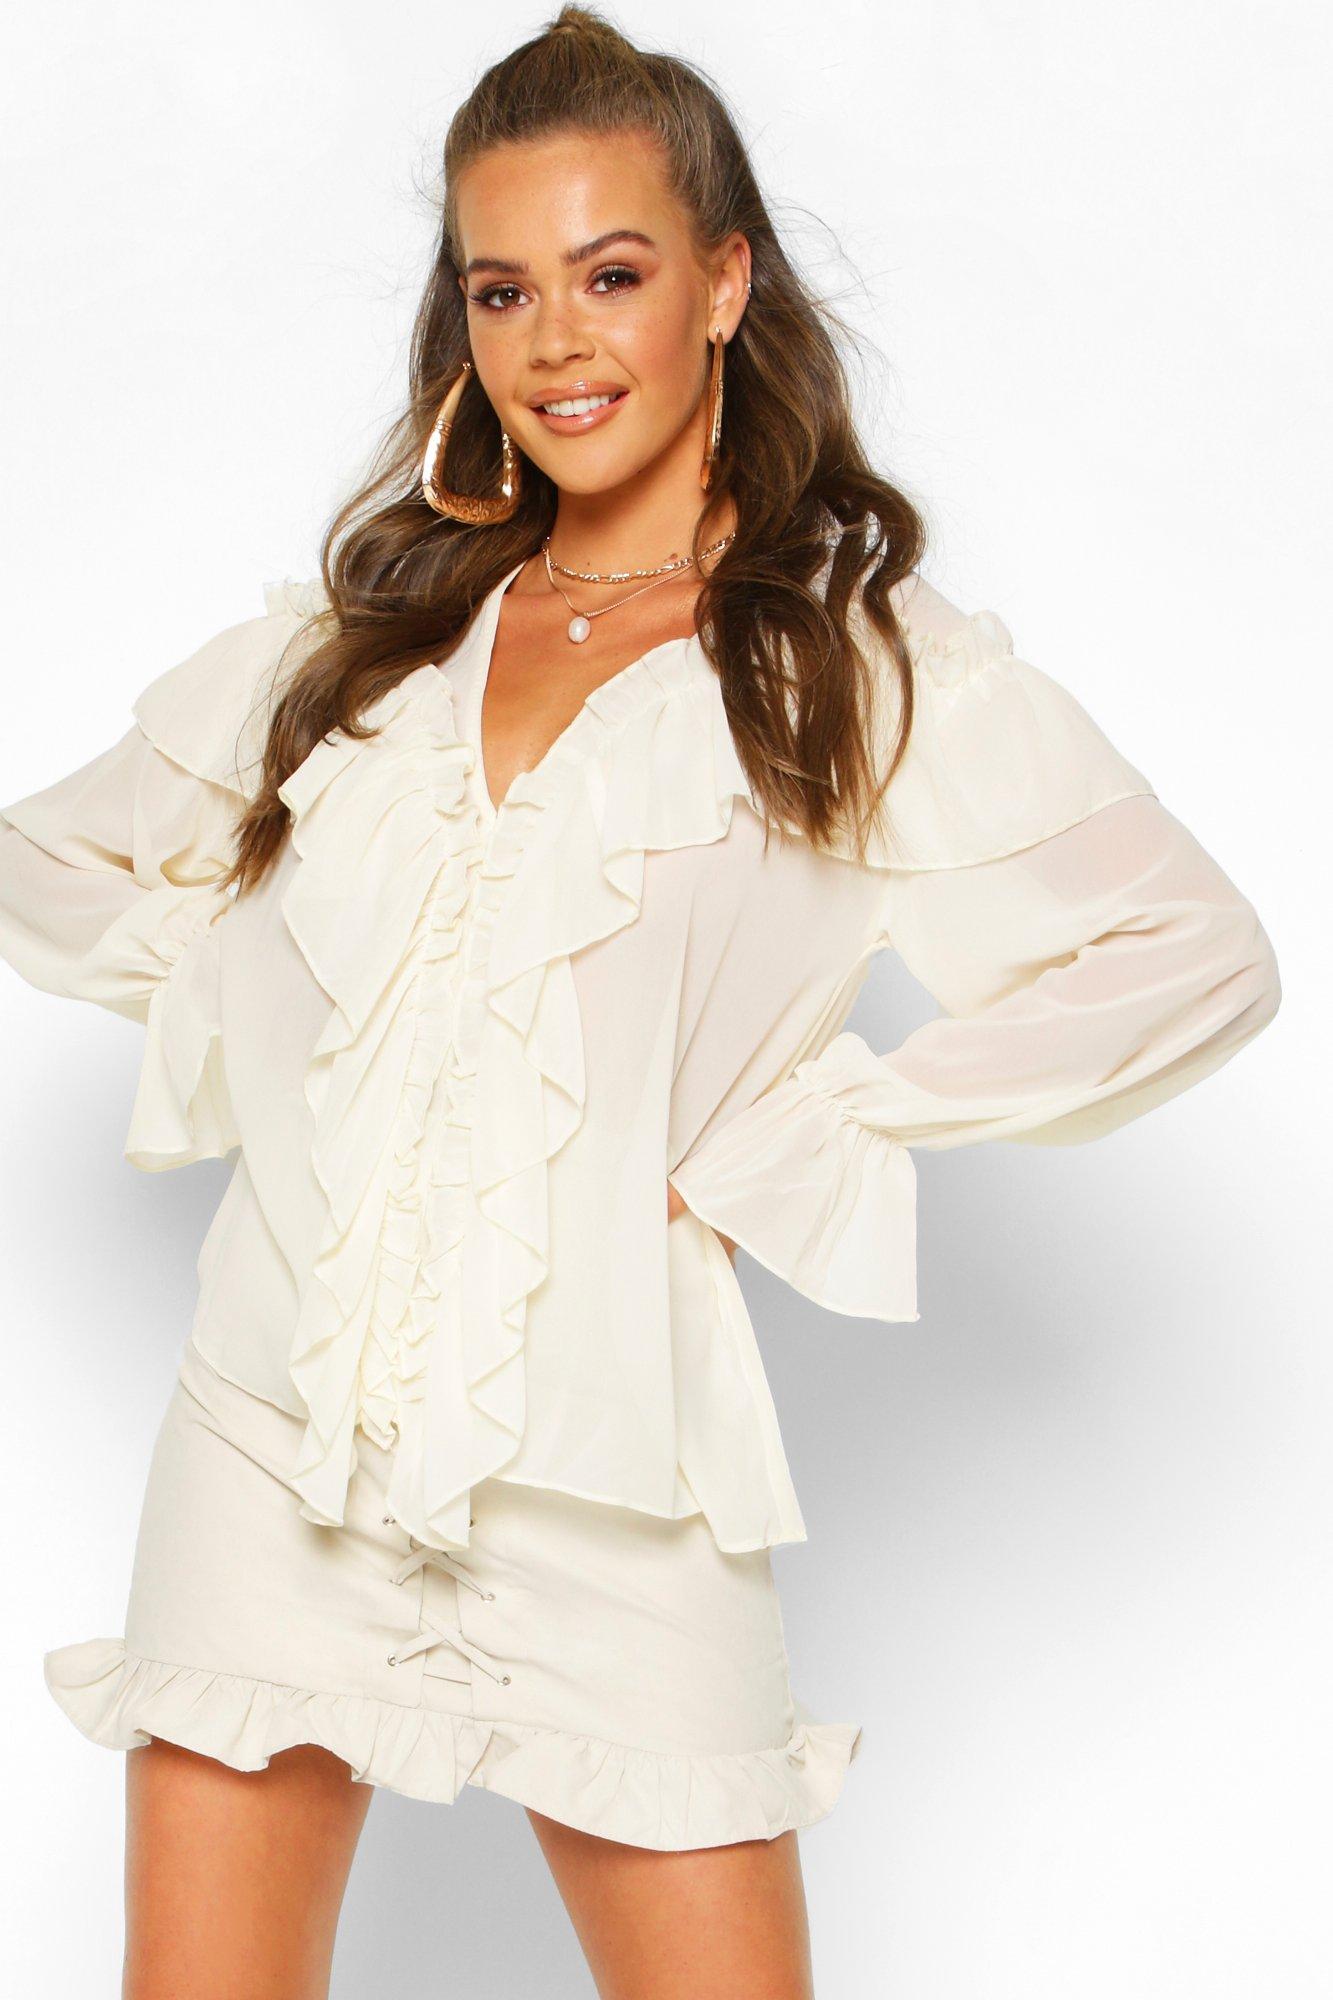 Womens Bluse mit Rüschendetail - elfenbeinfarben - 34, Elfenbeinfarben - Boohoo.com